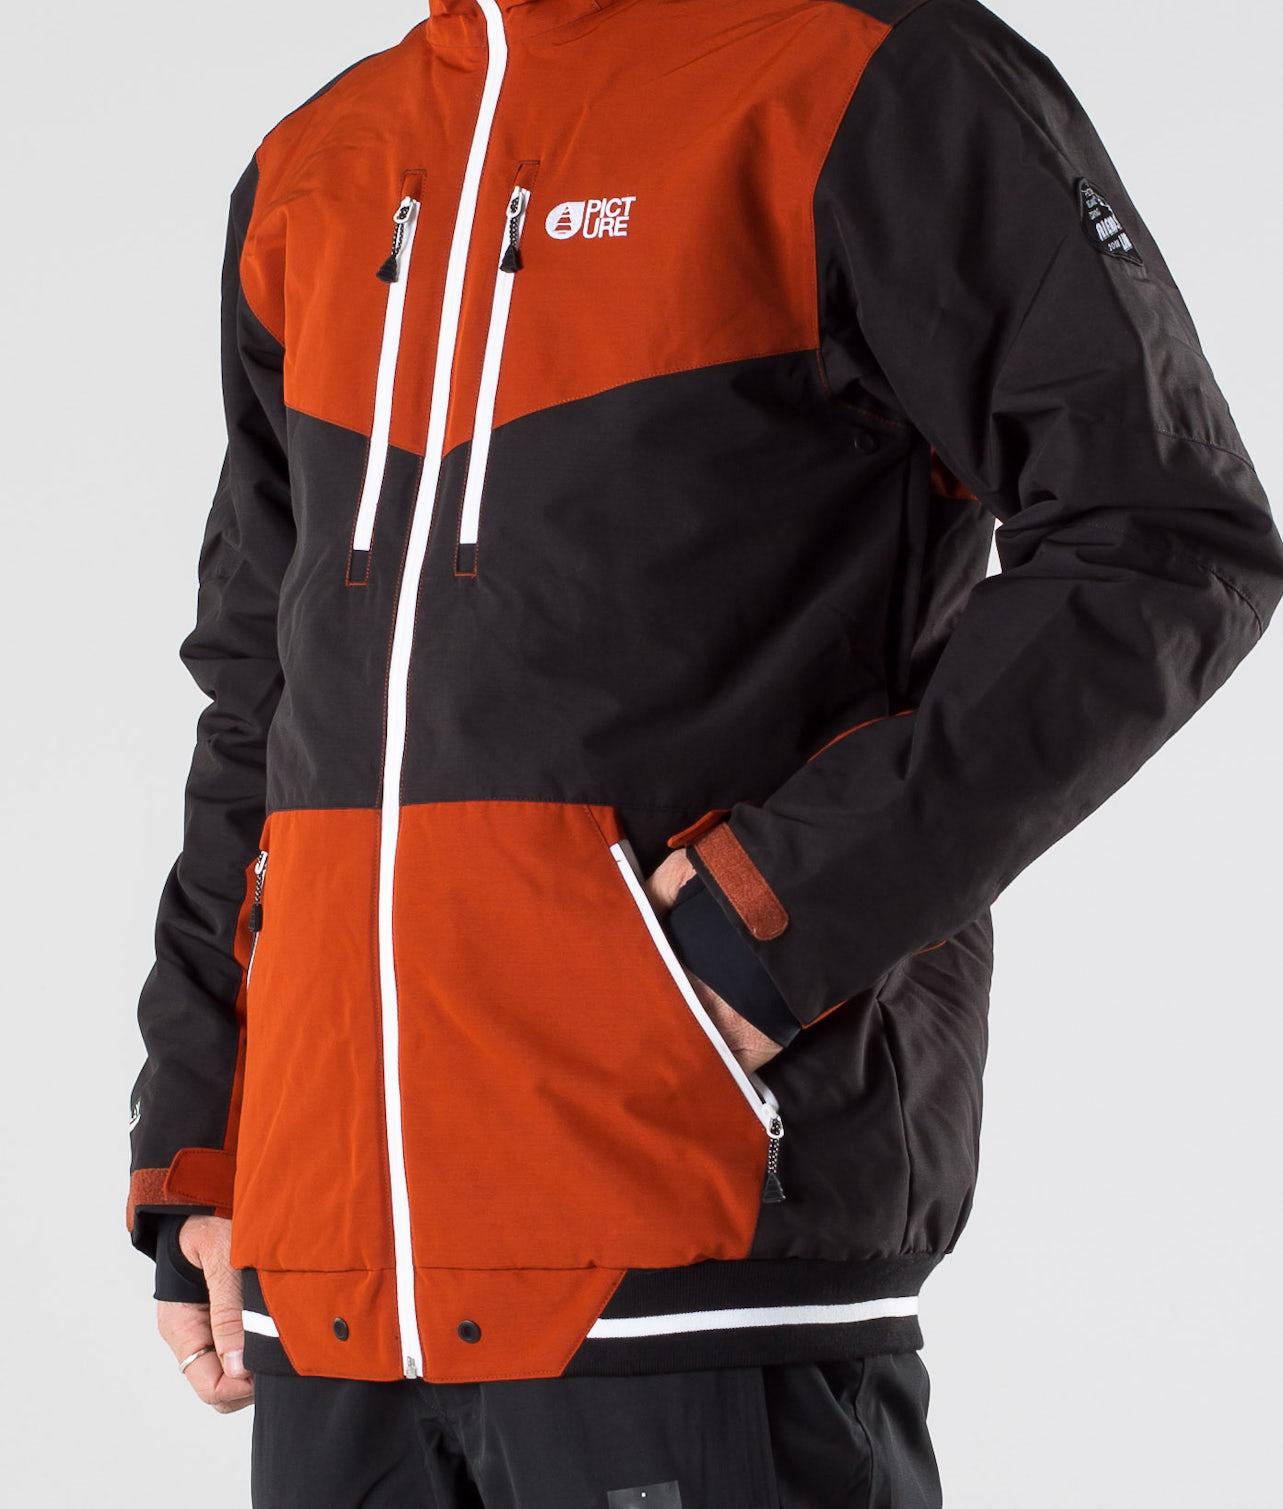 Kjøp Panel Snowboardjakke fra Picture på Ridestore.no - Hos oss har du alltid fri frakt, fri retur og 30 dagers åpent kjøp!